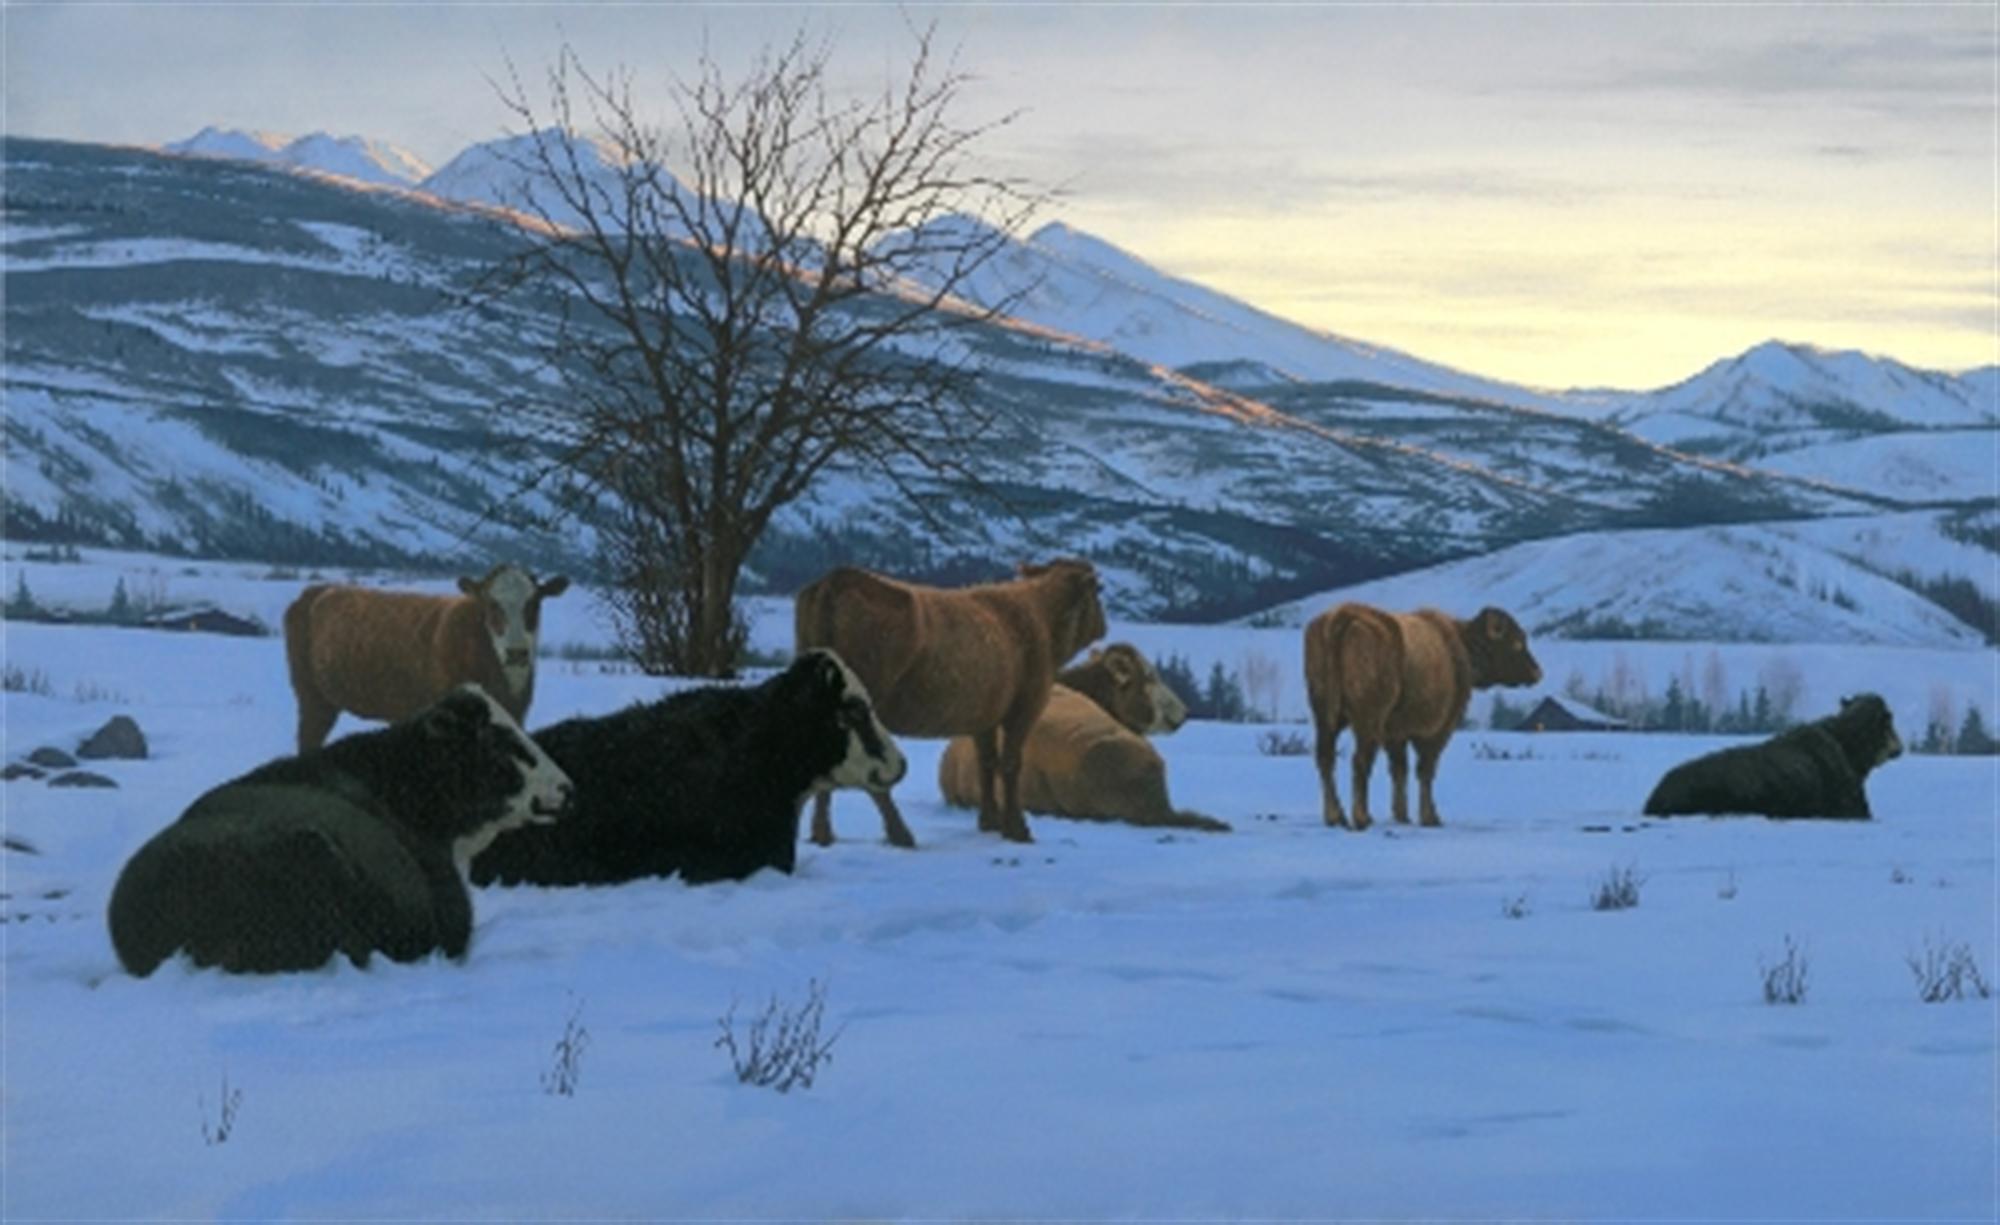 Winter Sentinels by Alexei Butirskiy